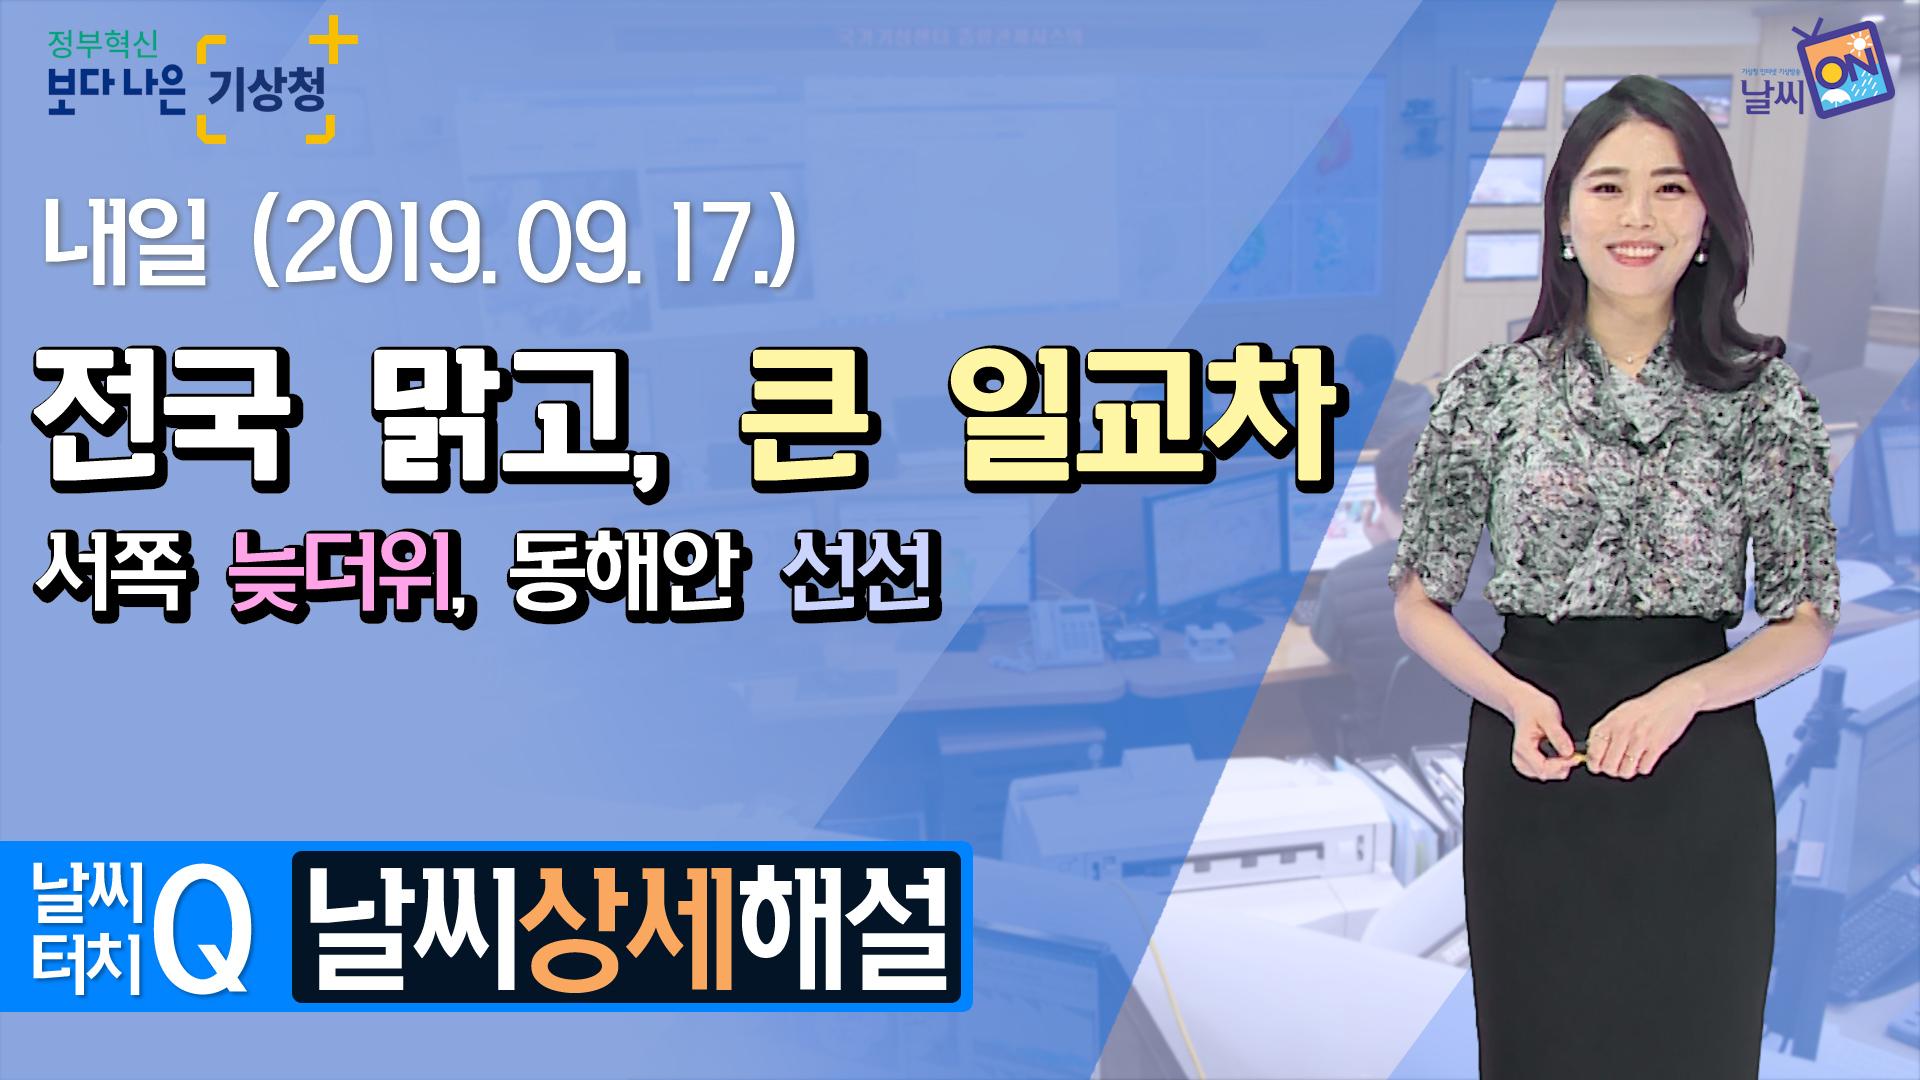 [19시] 9월 17일(화) 전국 맑고, 큰 일교차, 서쪽 늦더위, 동해안 선선